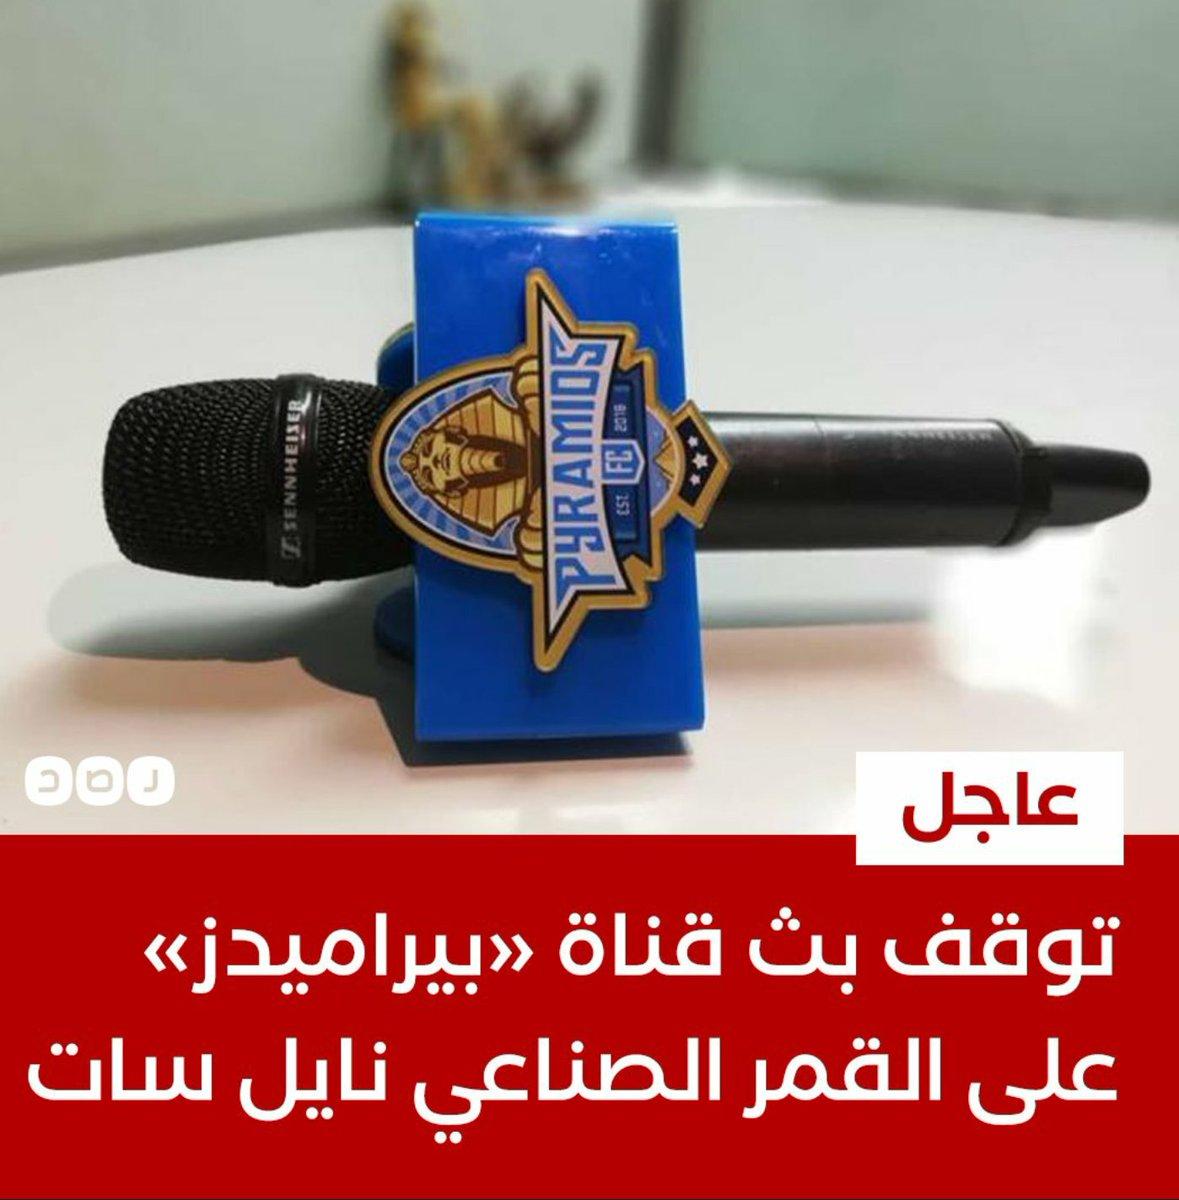 تركي آل الشيخ للجمهور المصري: راجع حساباتك وغير مبادئك وشجع بيراميدز  - صفحة 2 Doh7ikaW4AAhENy